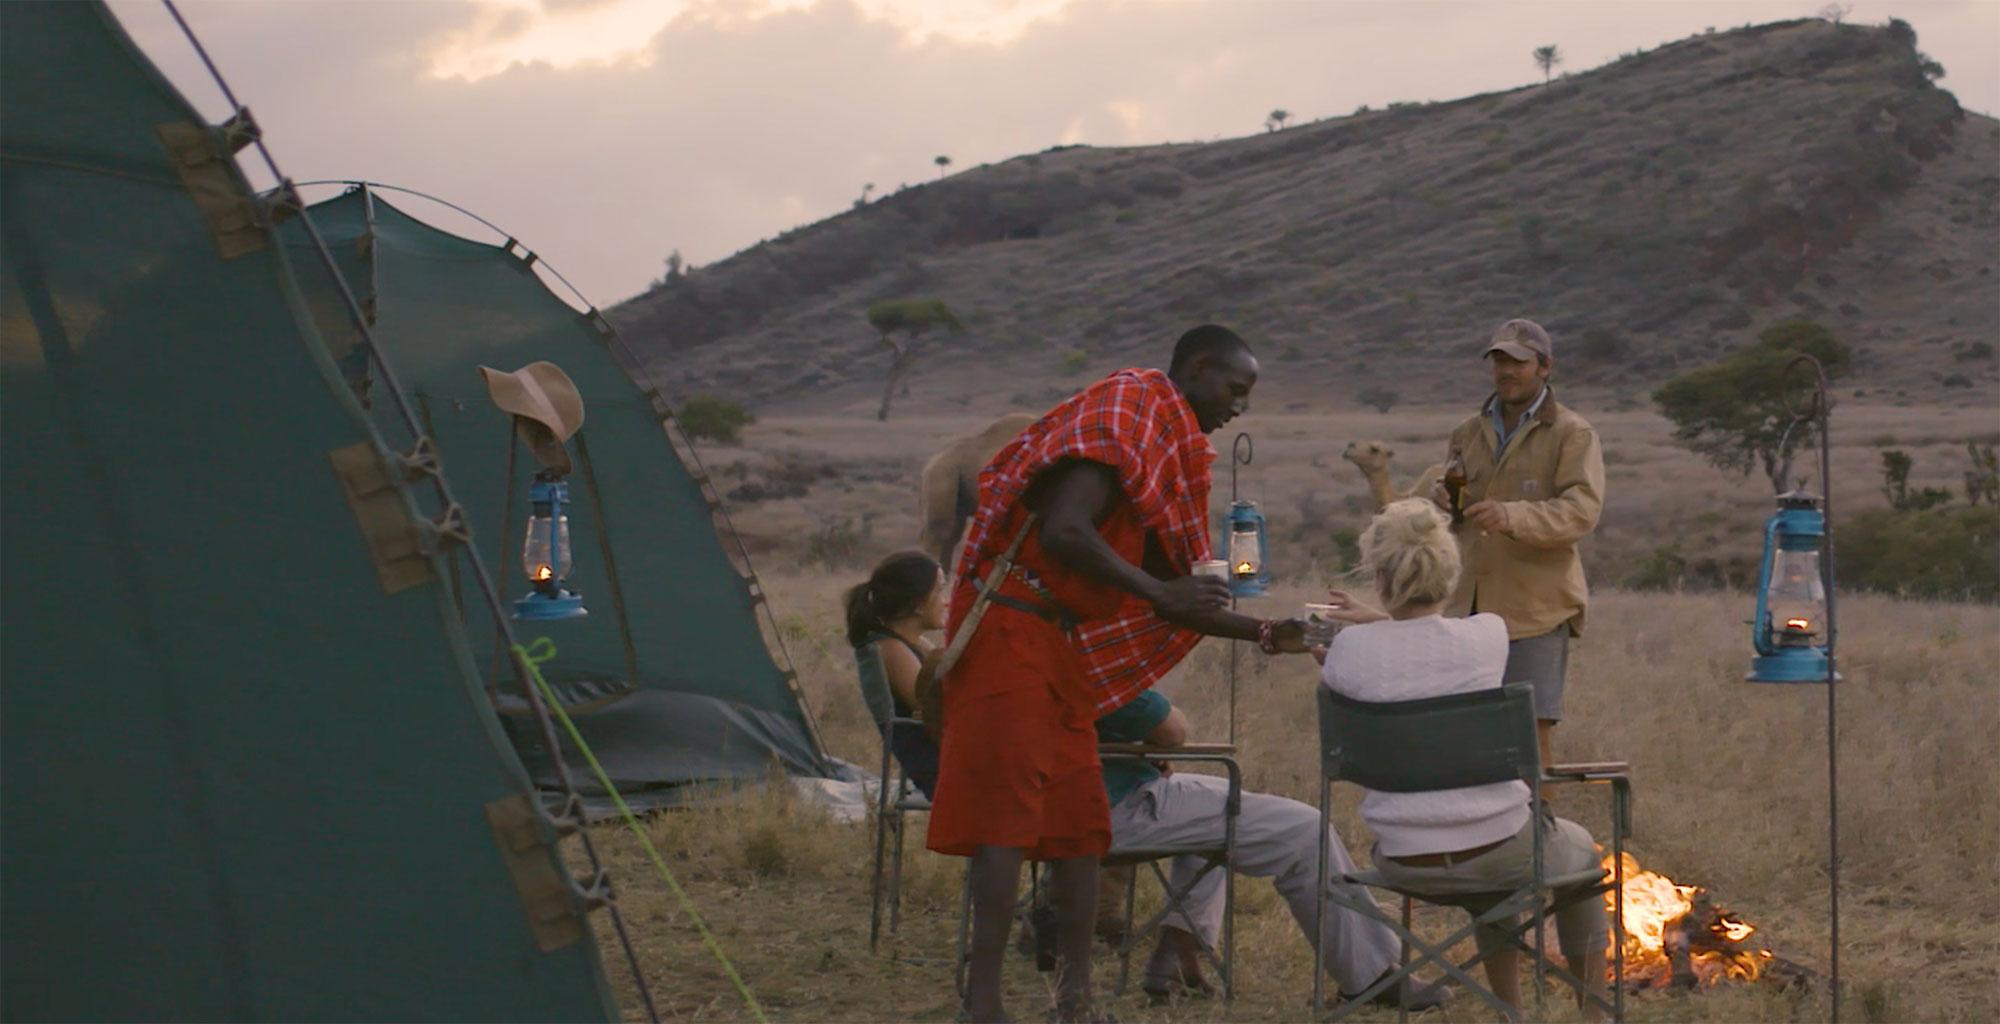 Kenya-Walking-Wild-Camp